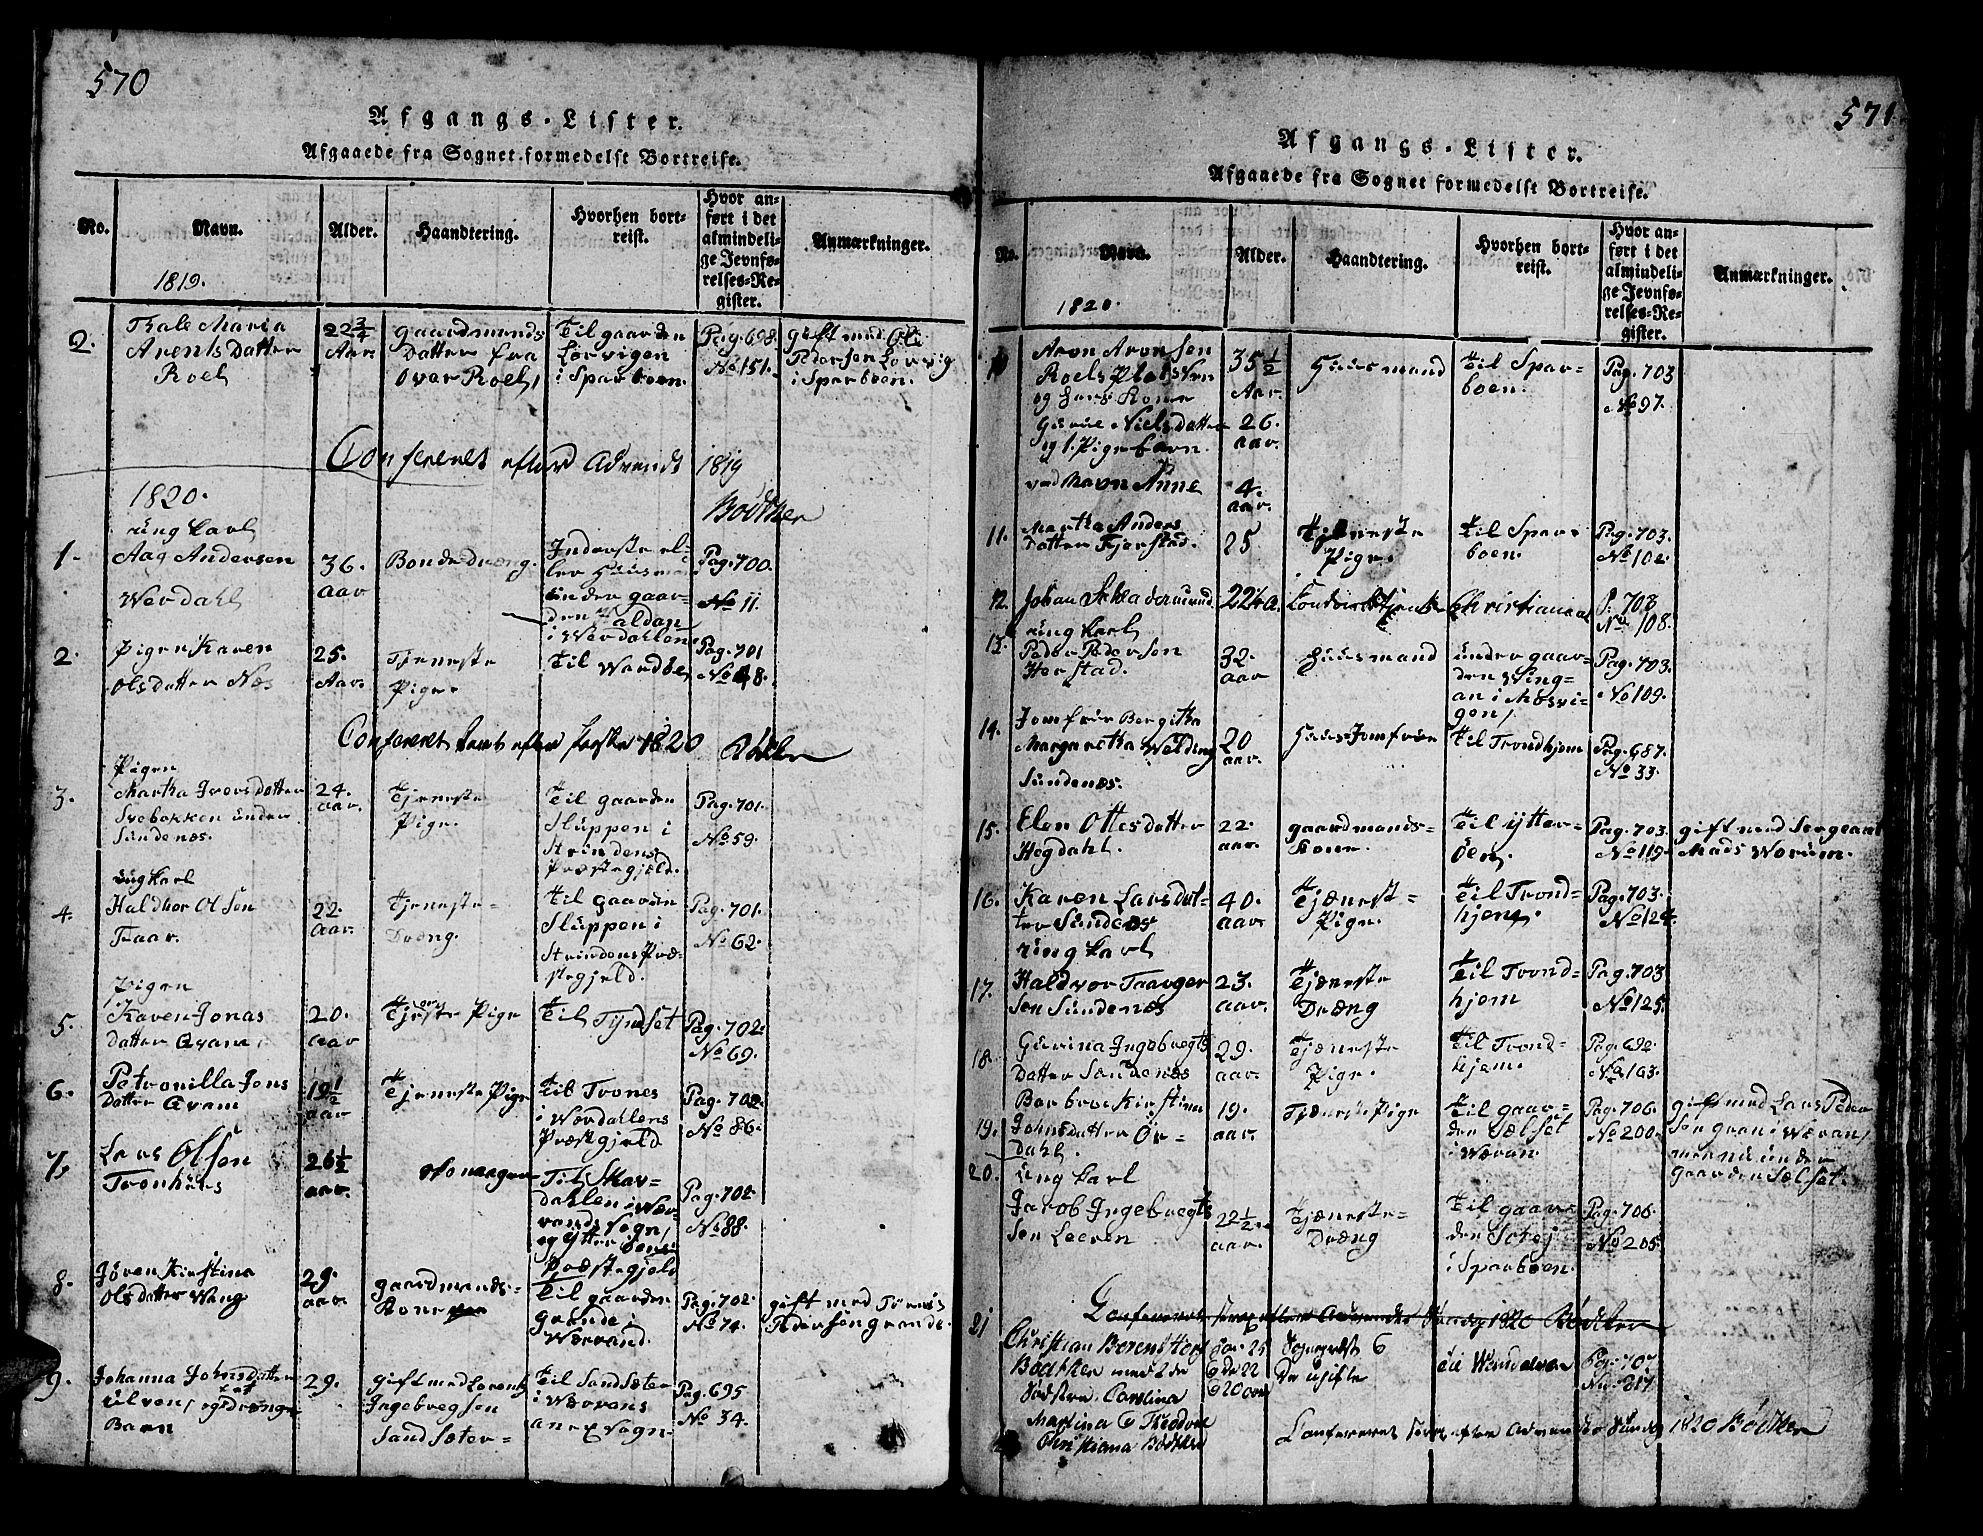 SAT, Ministerialprotokoller, klokkerbøker og fødselsregistre - Nord-Trøndelag, 730/L0298: Klokkerbok nr. 730C01, 1816-1849, s. 570-571